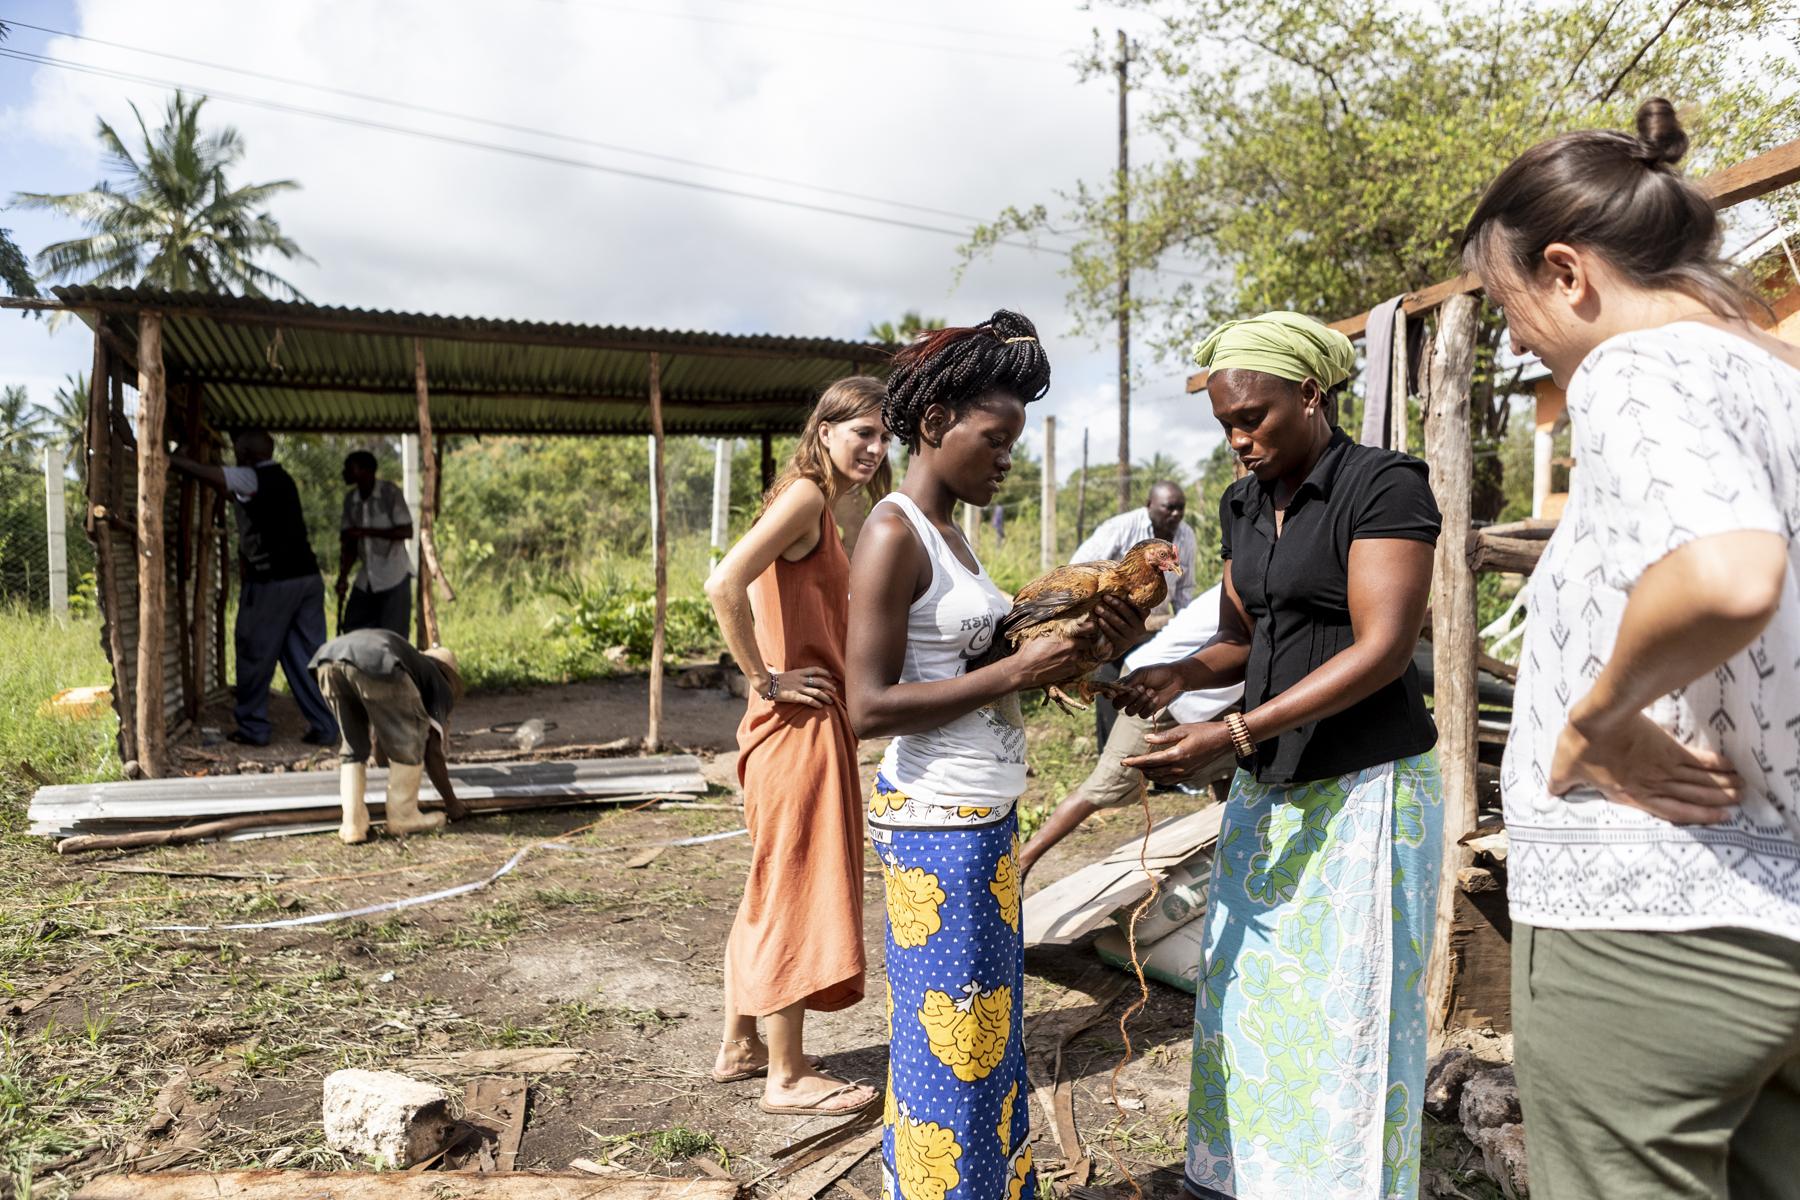 Alle helfen mit: die Frauen retten die Eier und Hühner, die Männer demontieren die Hütte.